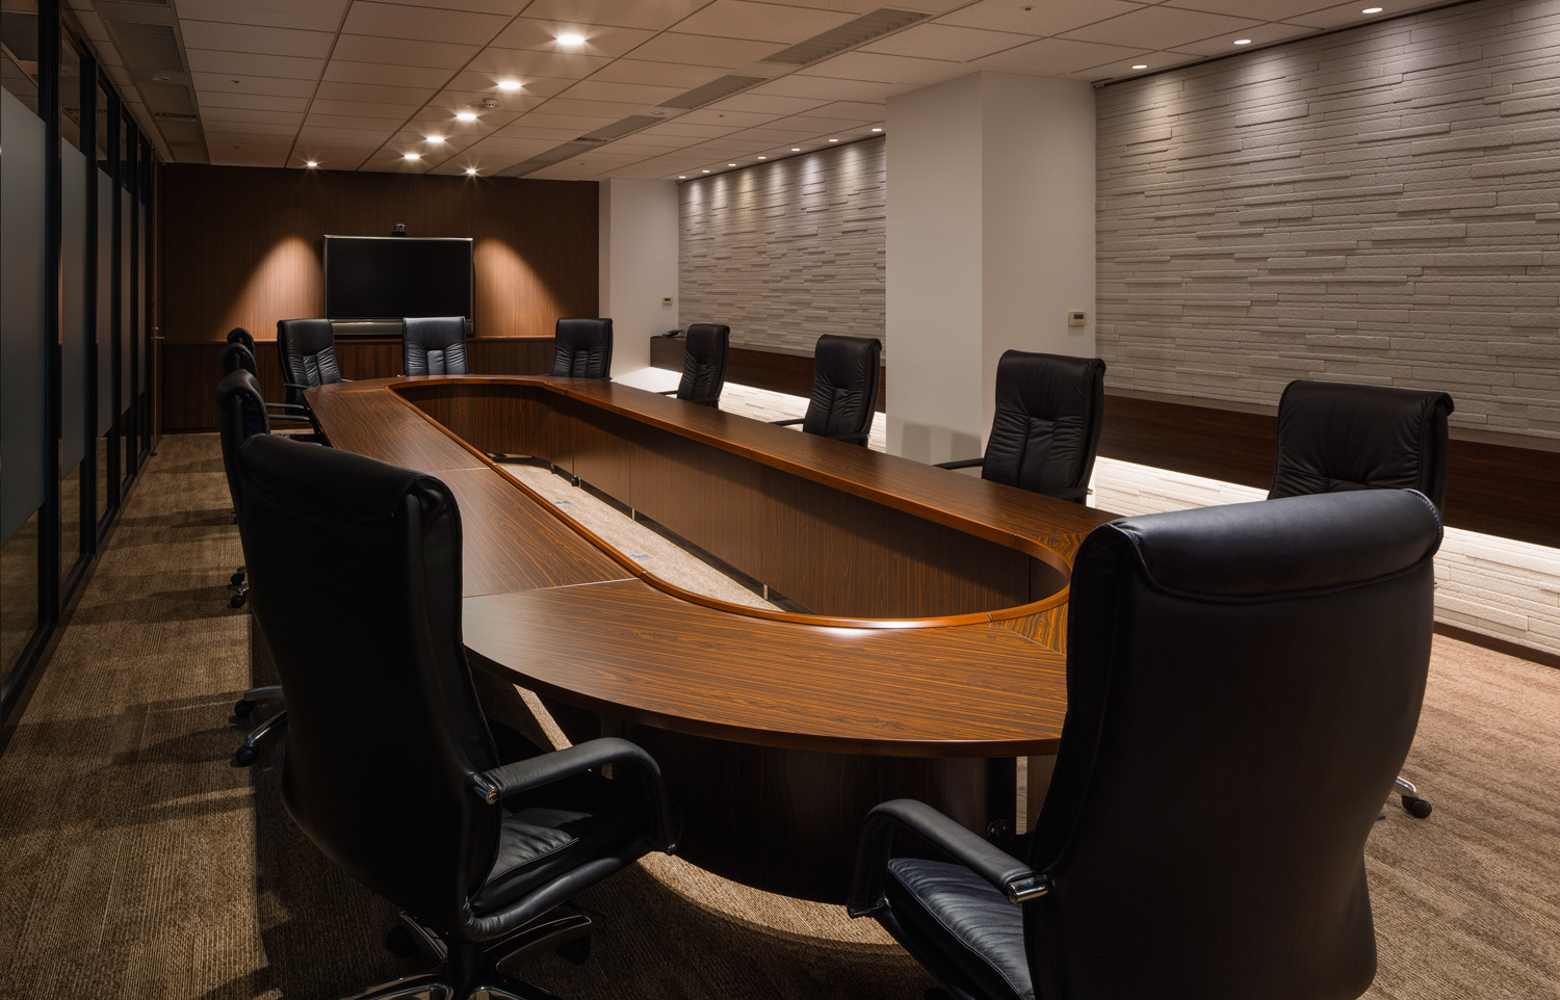 三井金属エンジニアリング株式会社 Meeting Room デザイン・レイアウト事例